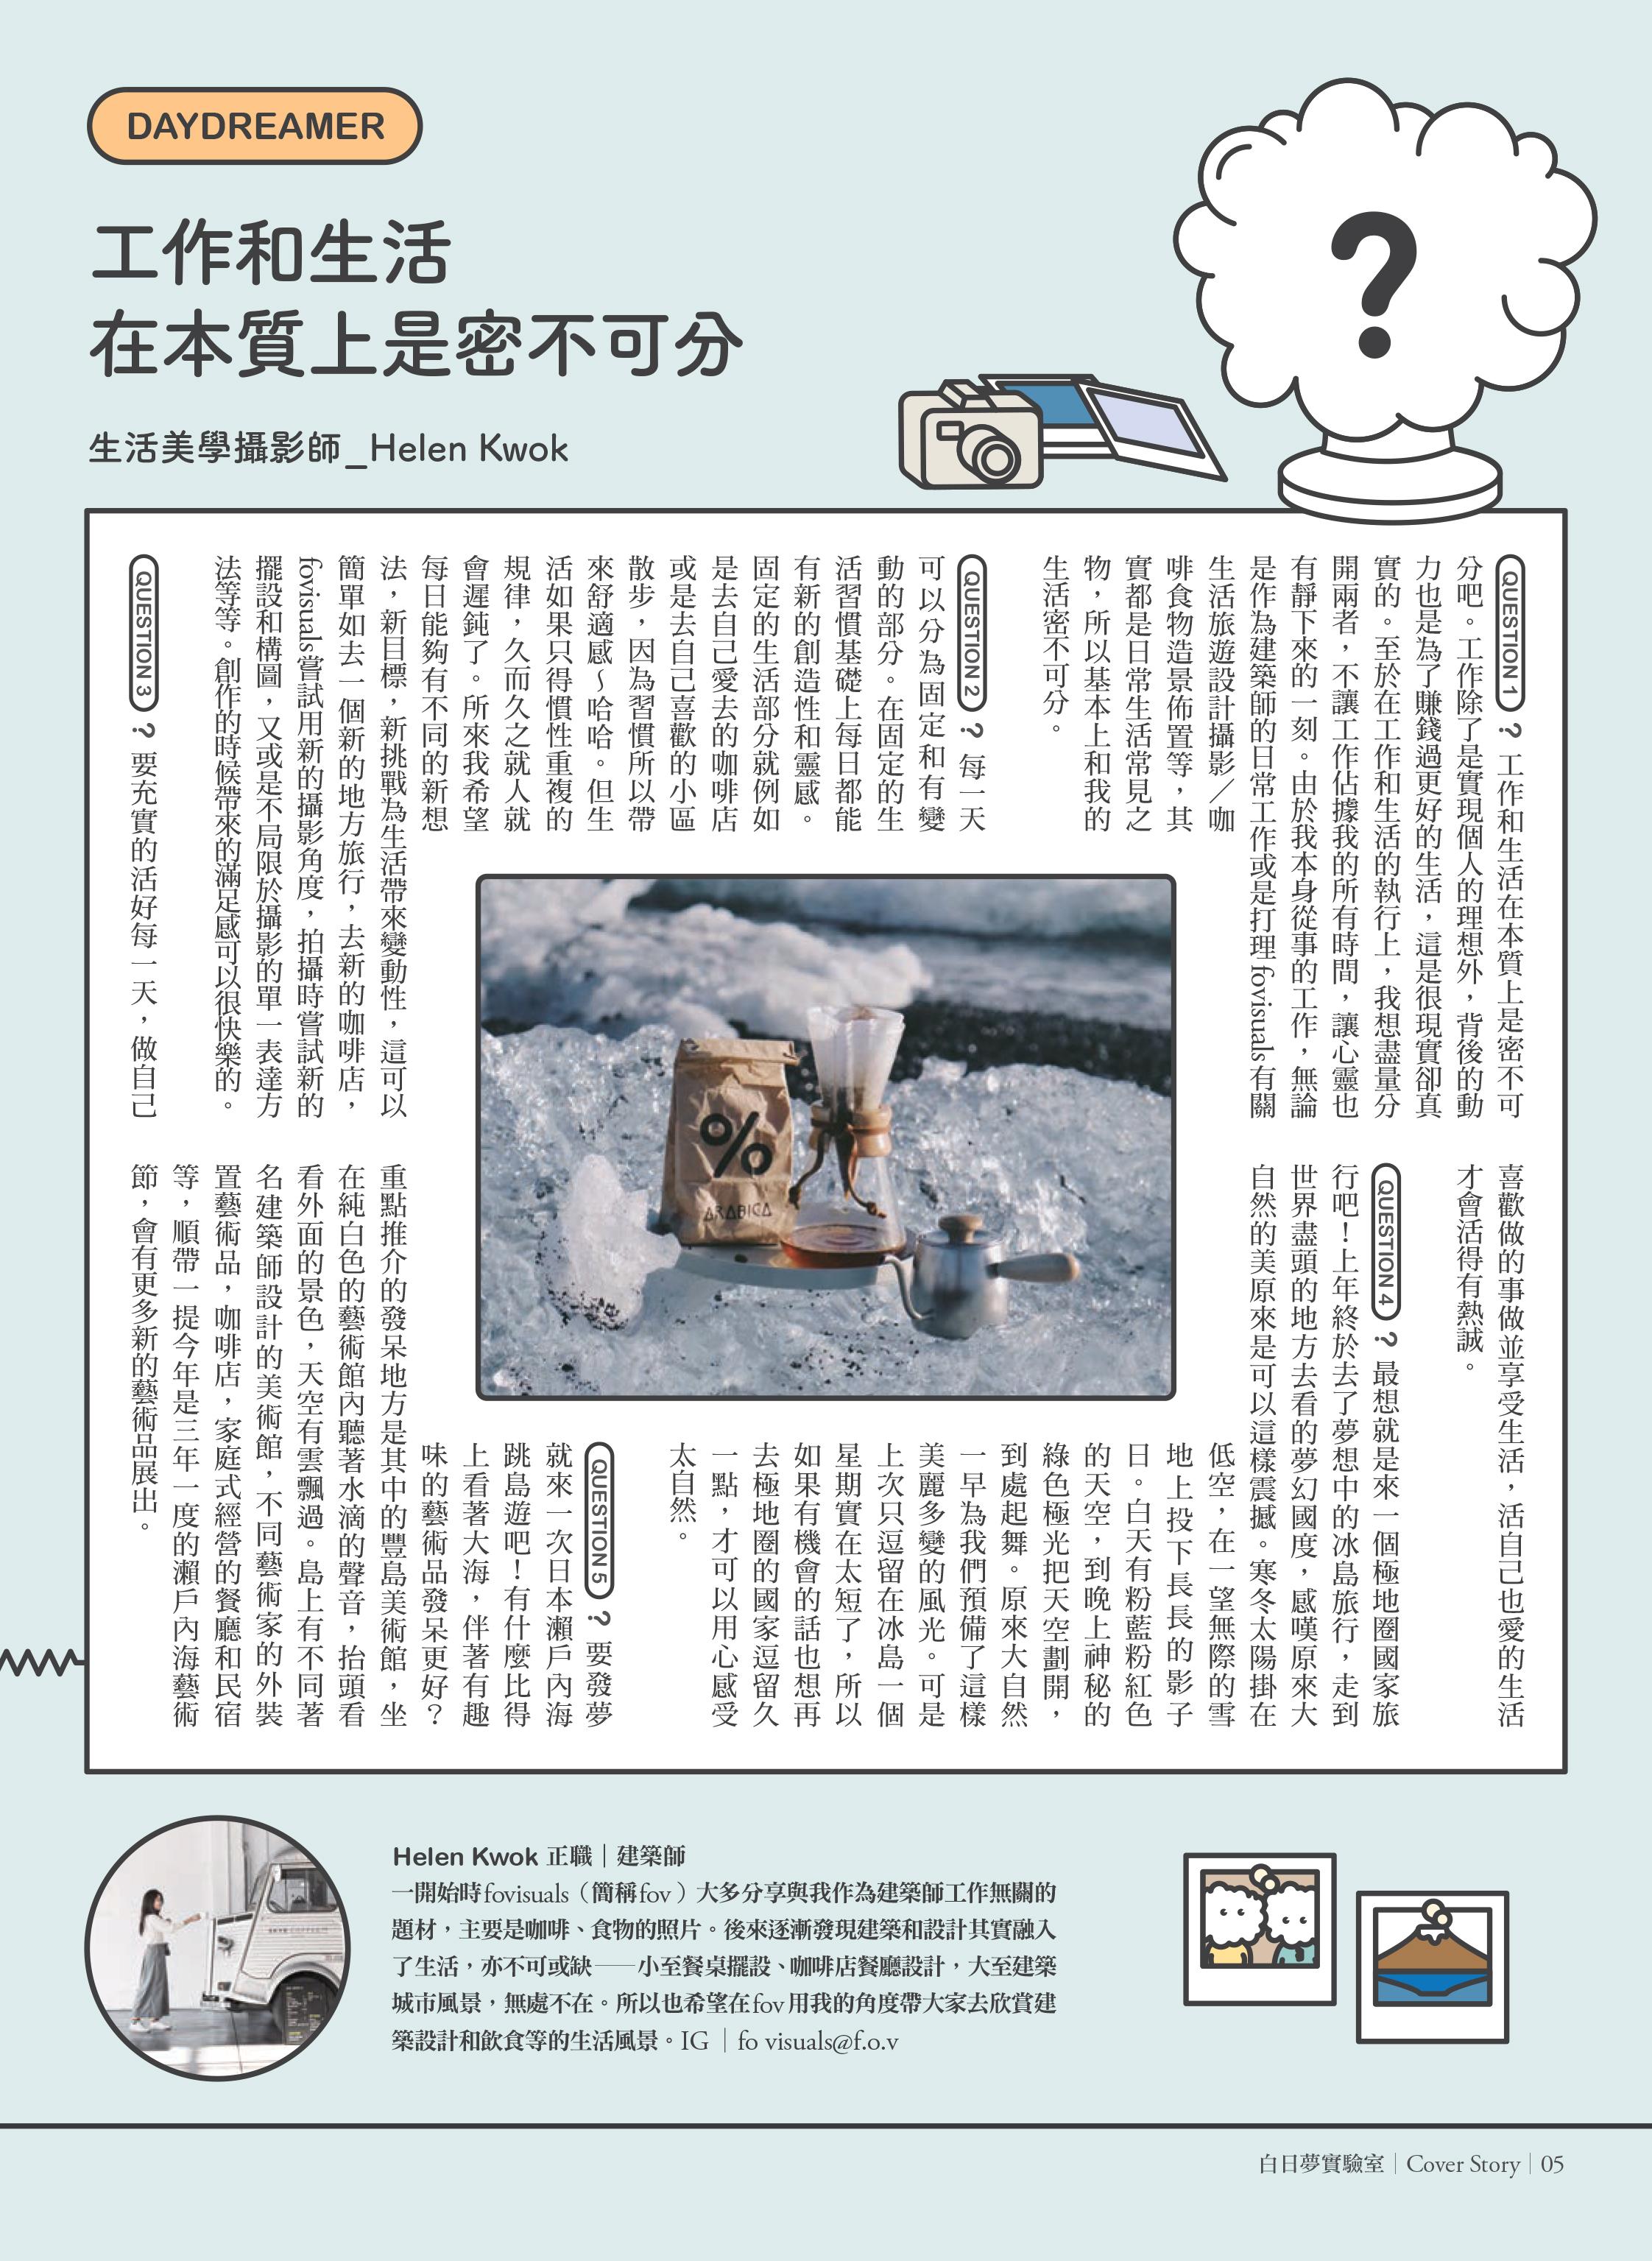 FOV_Media_時光_201905_final_20190508103422-4.jpg